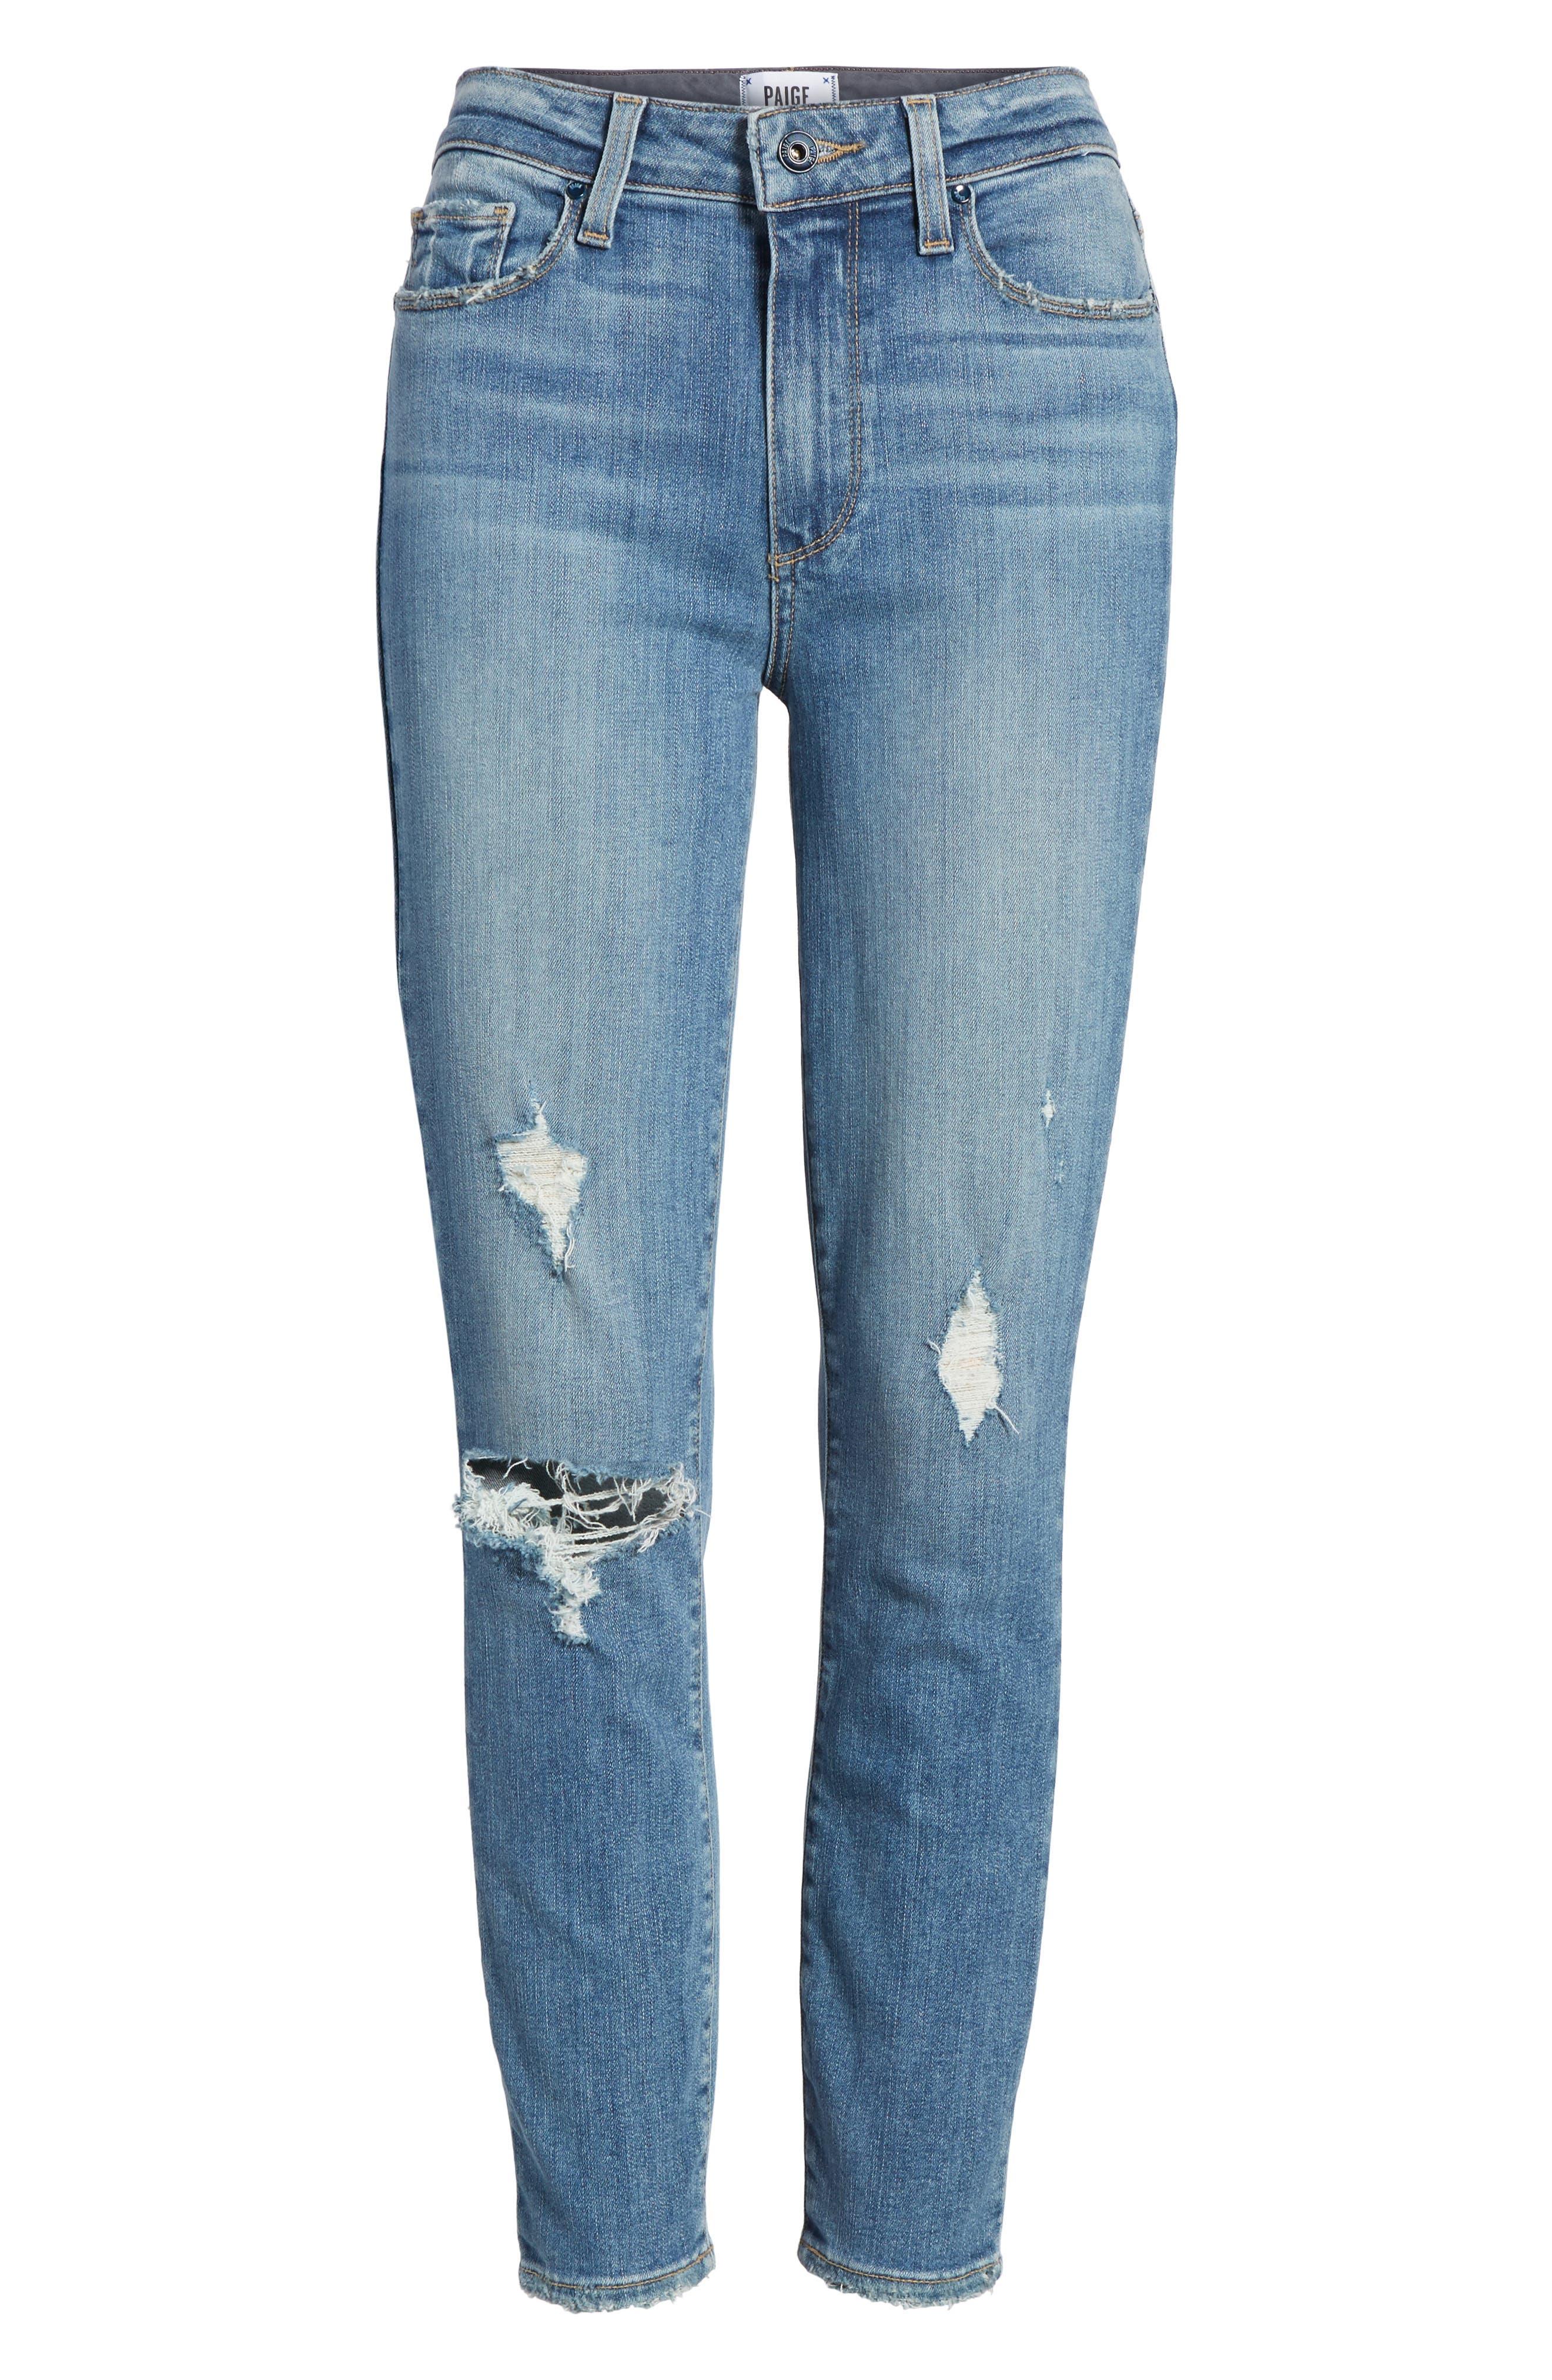 Transcend Vintage - Hoxton High Waist Crop Jeans,                             Alternate thumbnail 7, color,                             400